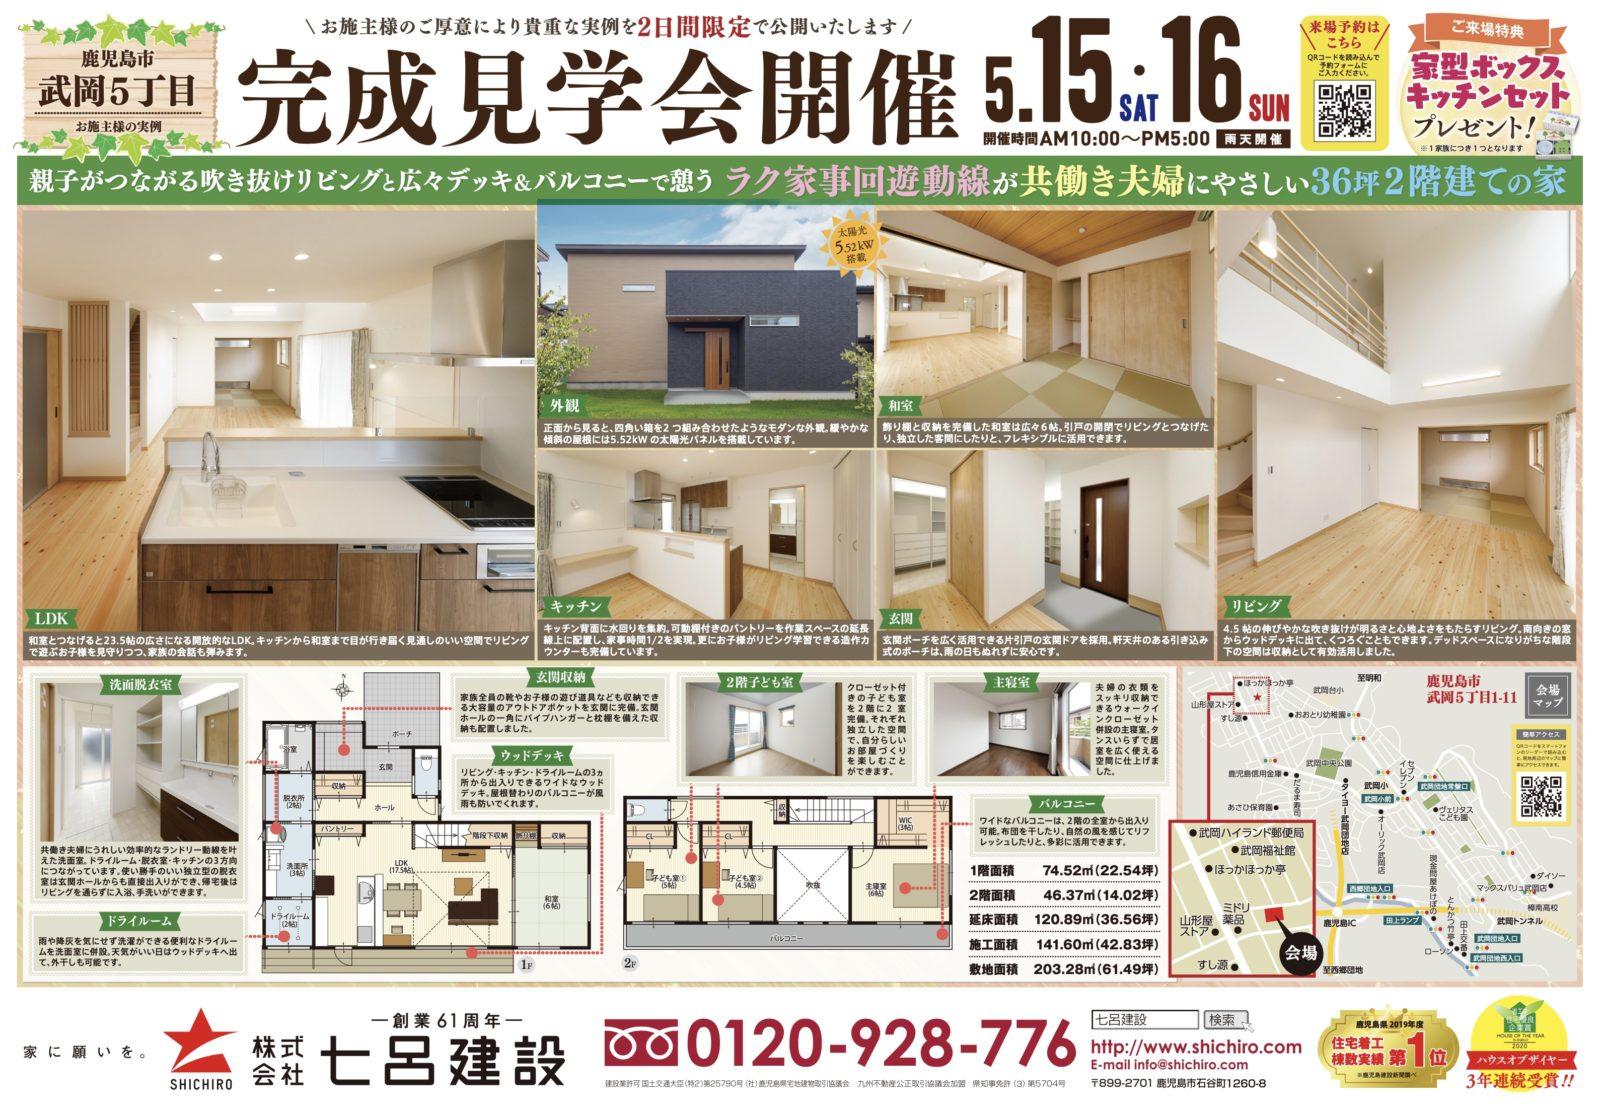 鹿児島市武岡5丁目で完成見学会 ラク家事動線が共働き夫婦にやさしい36坪2階建ての家